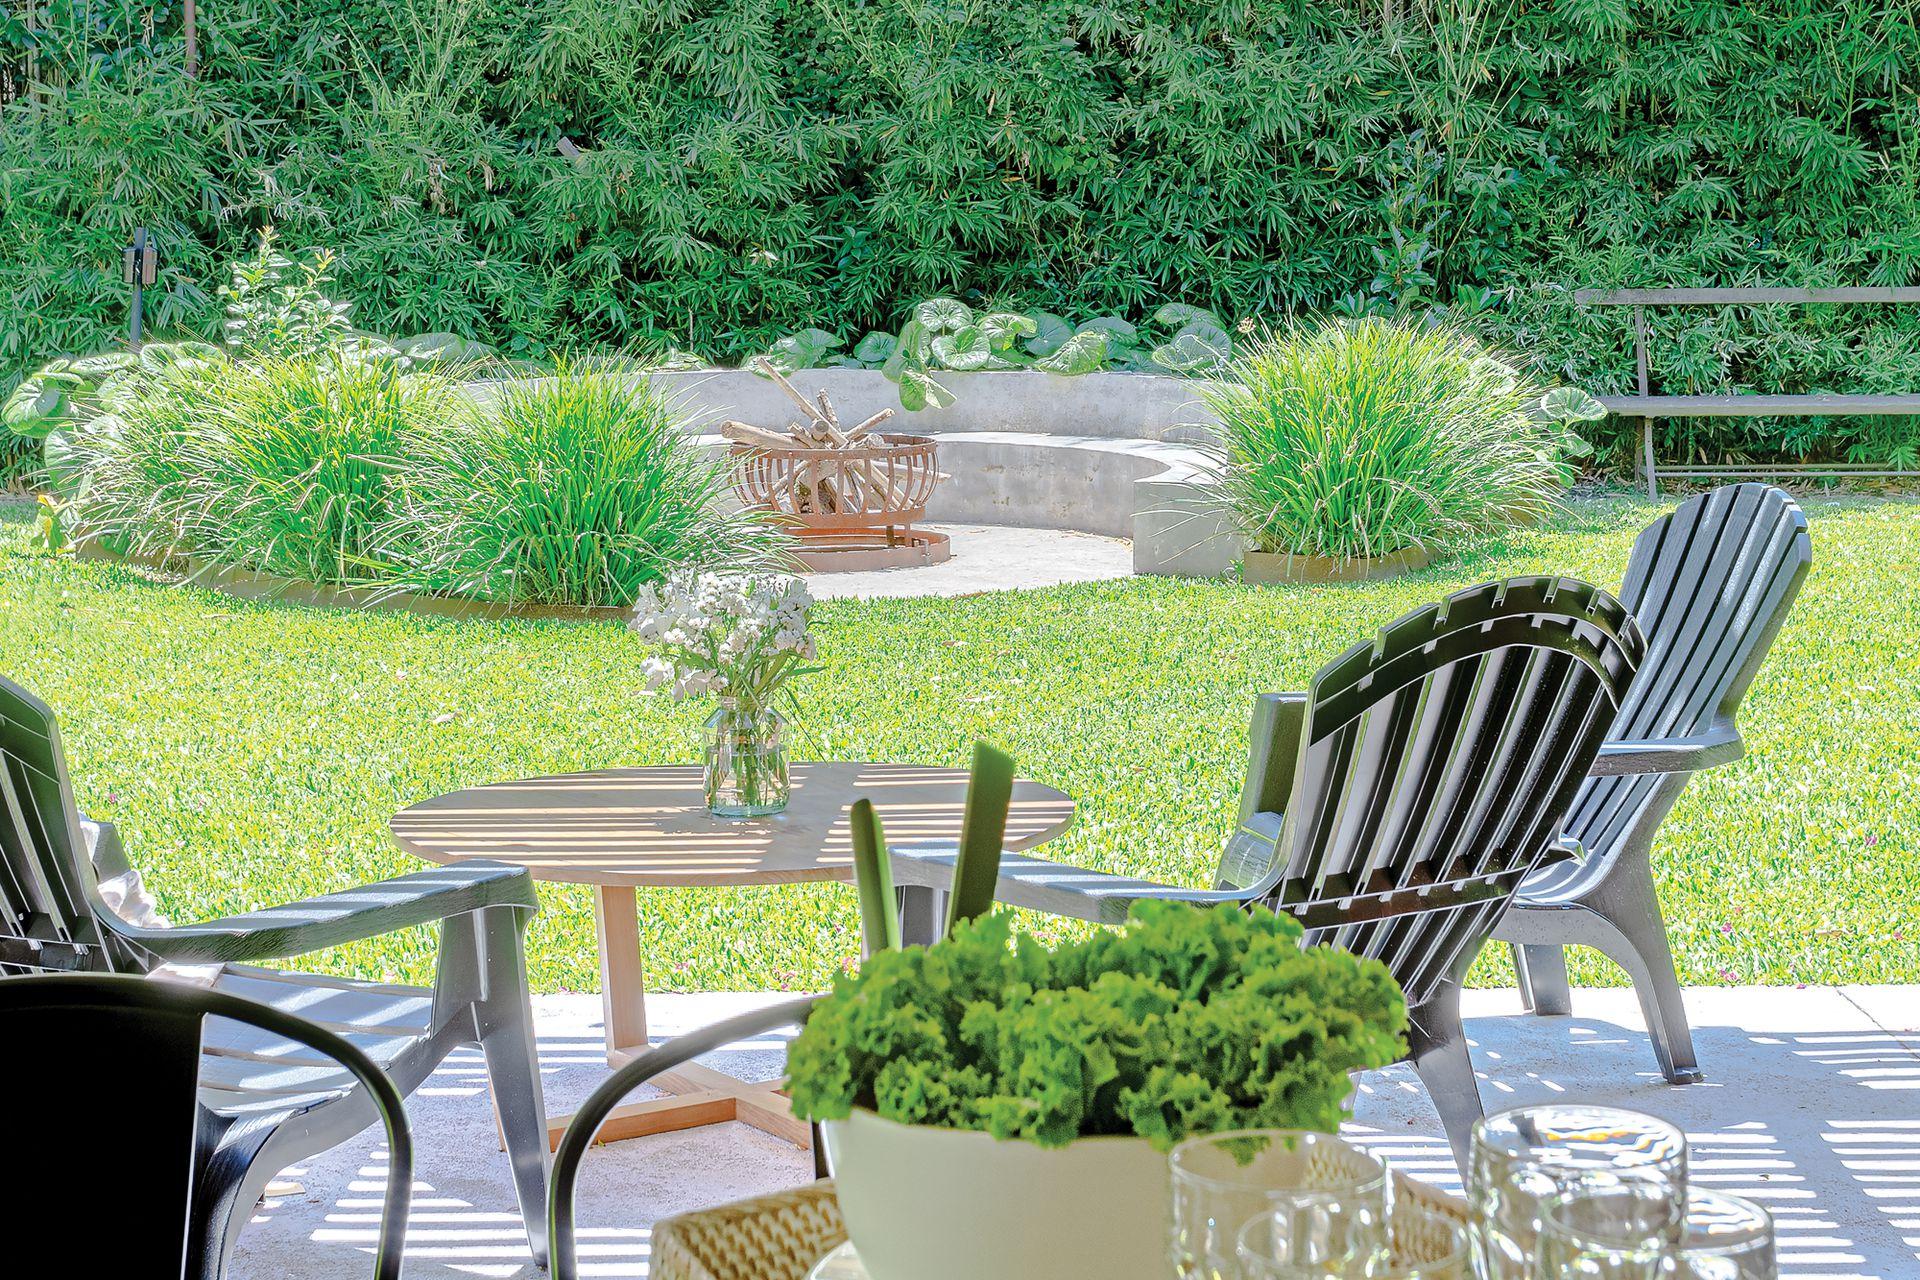 Frente a esta galería, asiento circular para disfrutar del jardín.